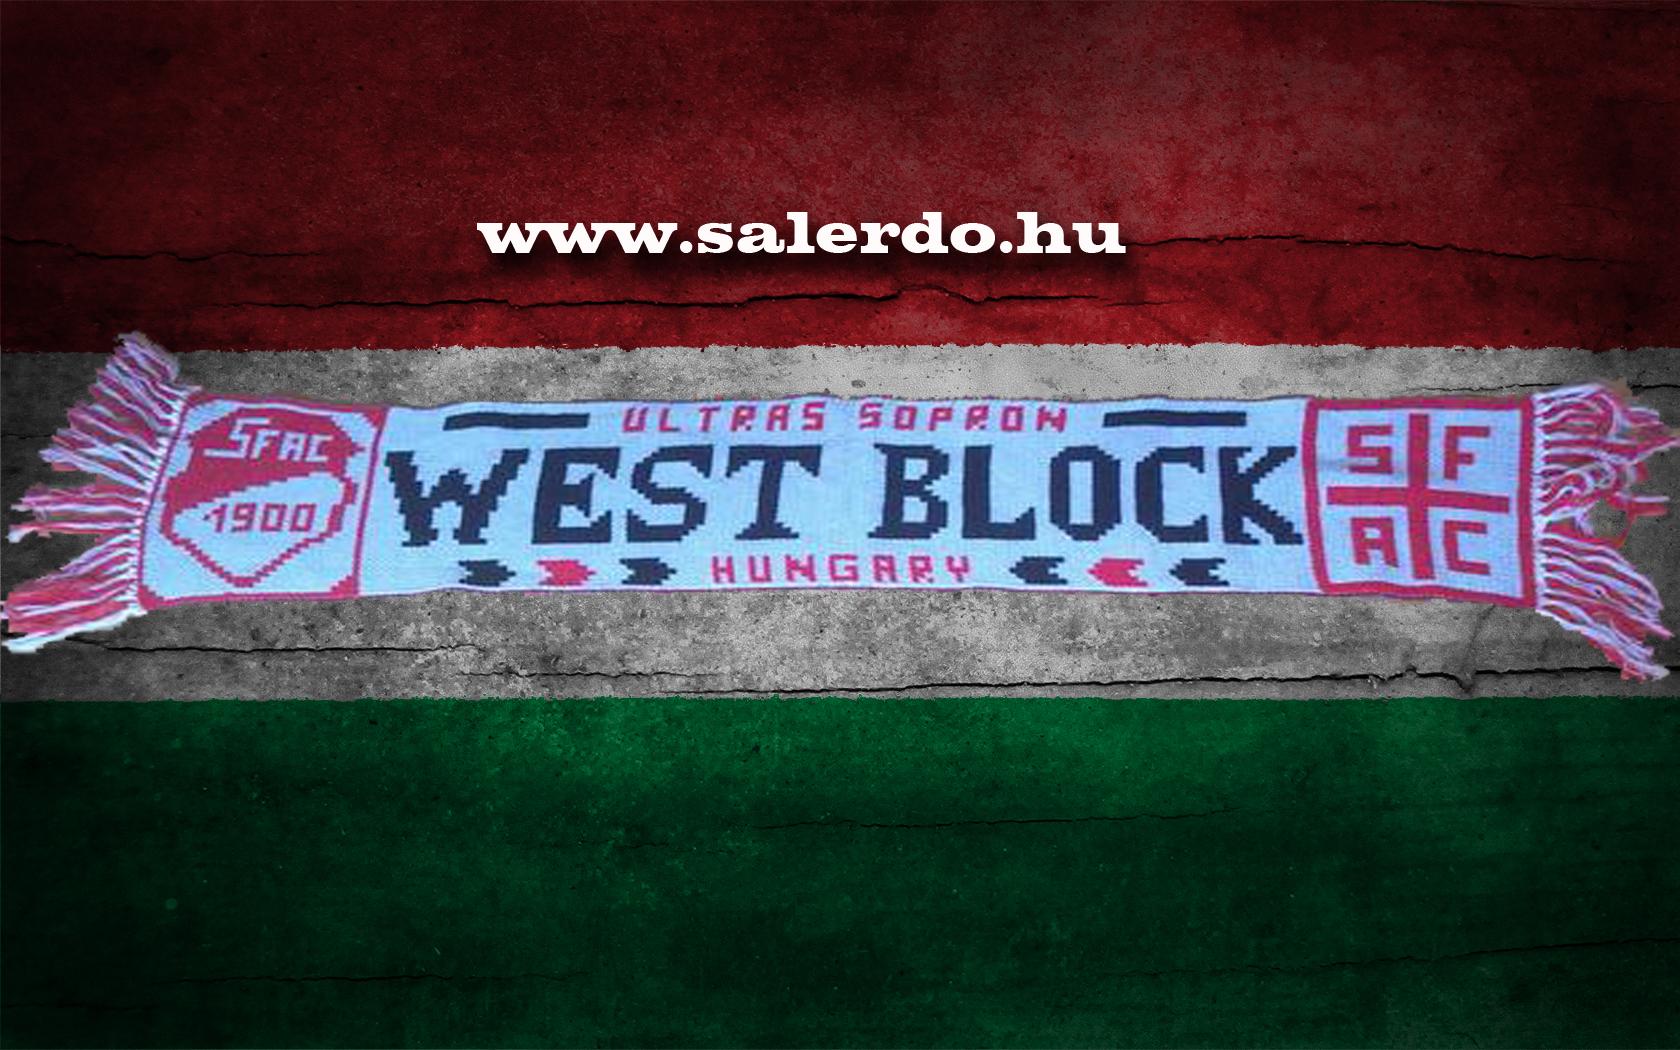 westBlock